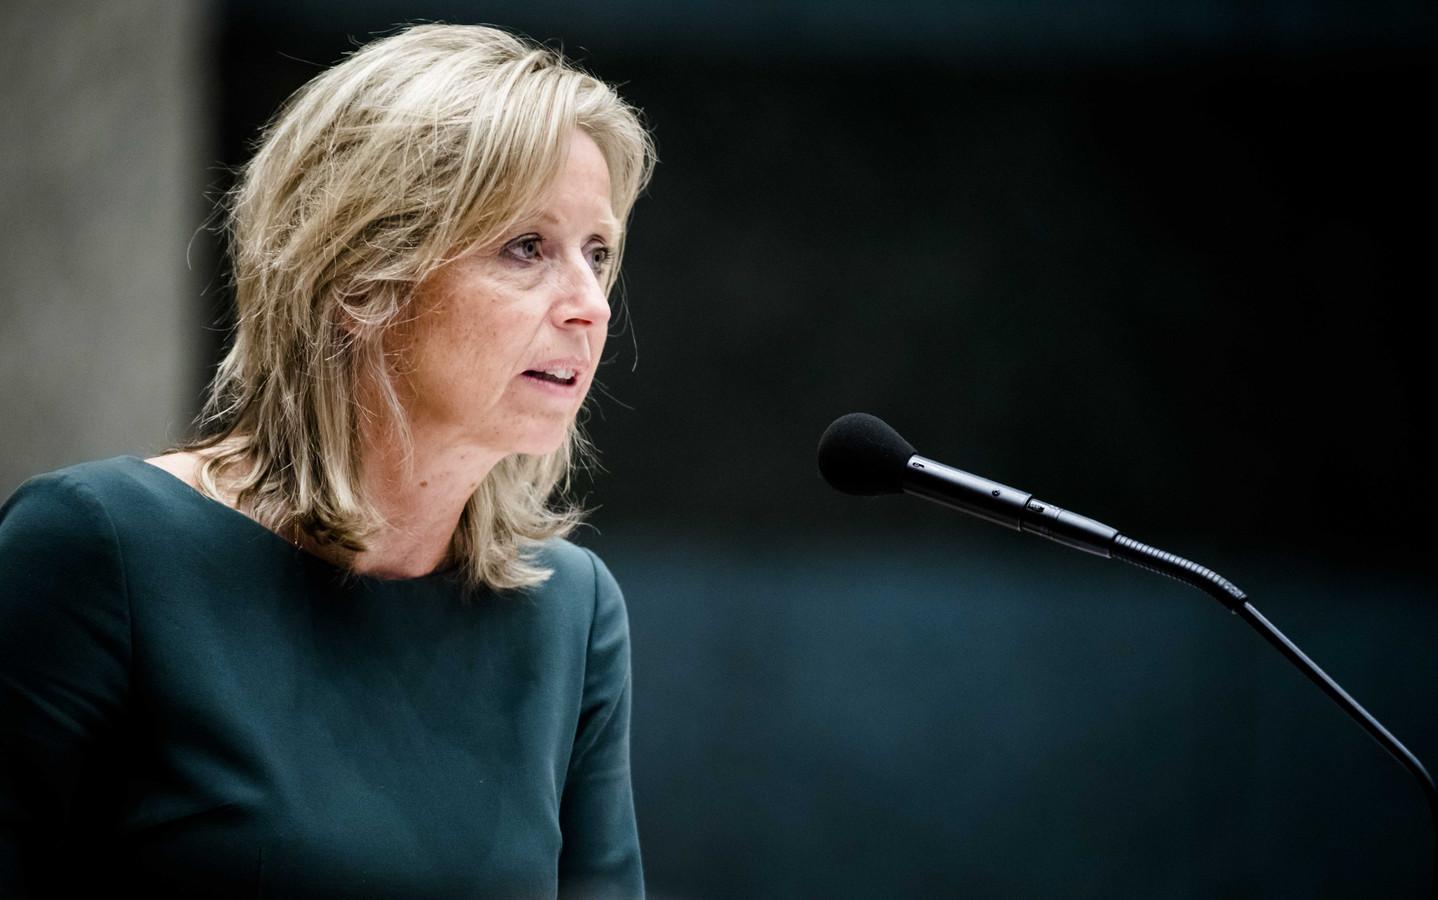 Minister Kajsa Ollongren van Binnenlandse Zaken en Koninkrijksrelaties (D66) in actie in het parlement